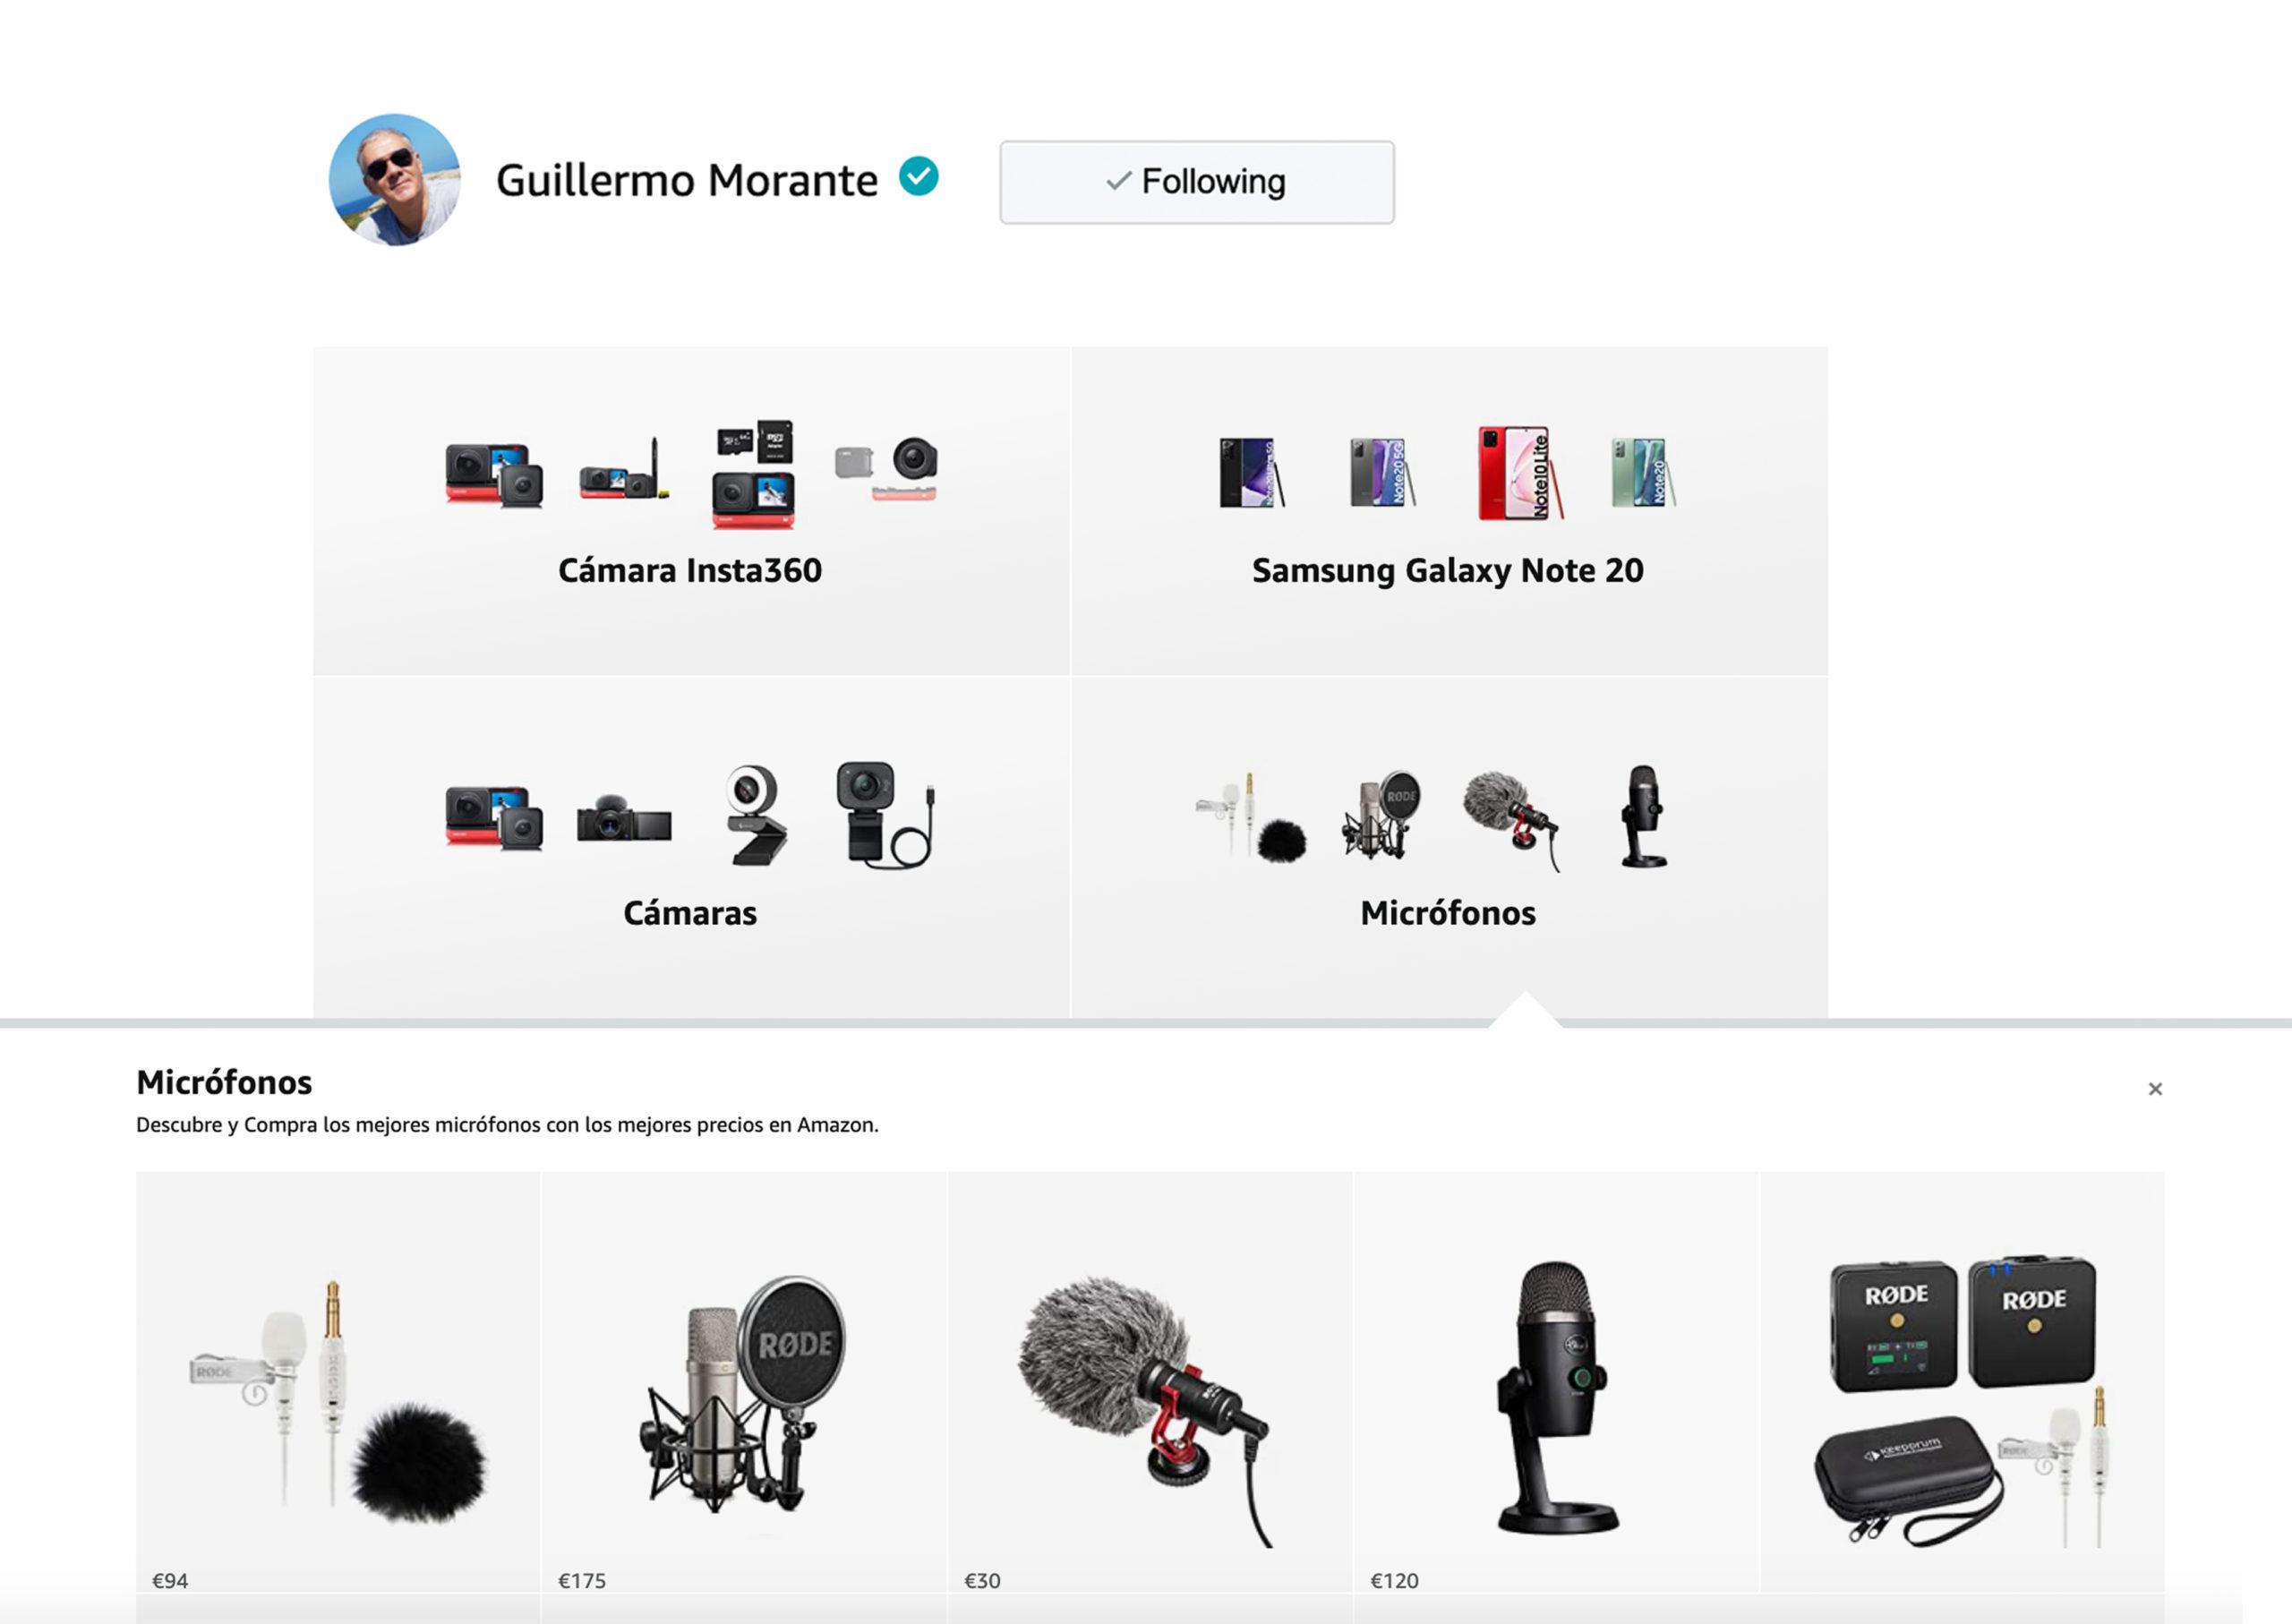 Guillermo Morante Tienda de Amazon Influencer